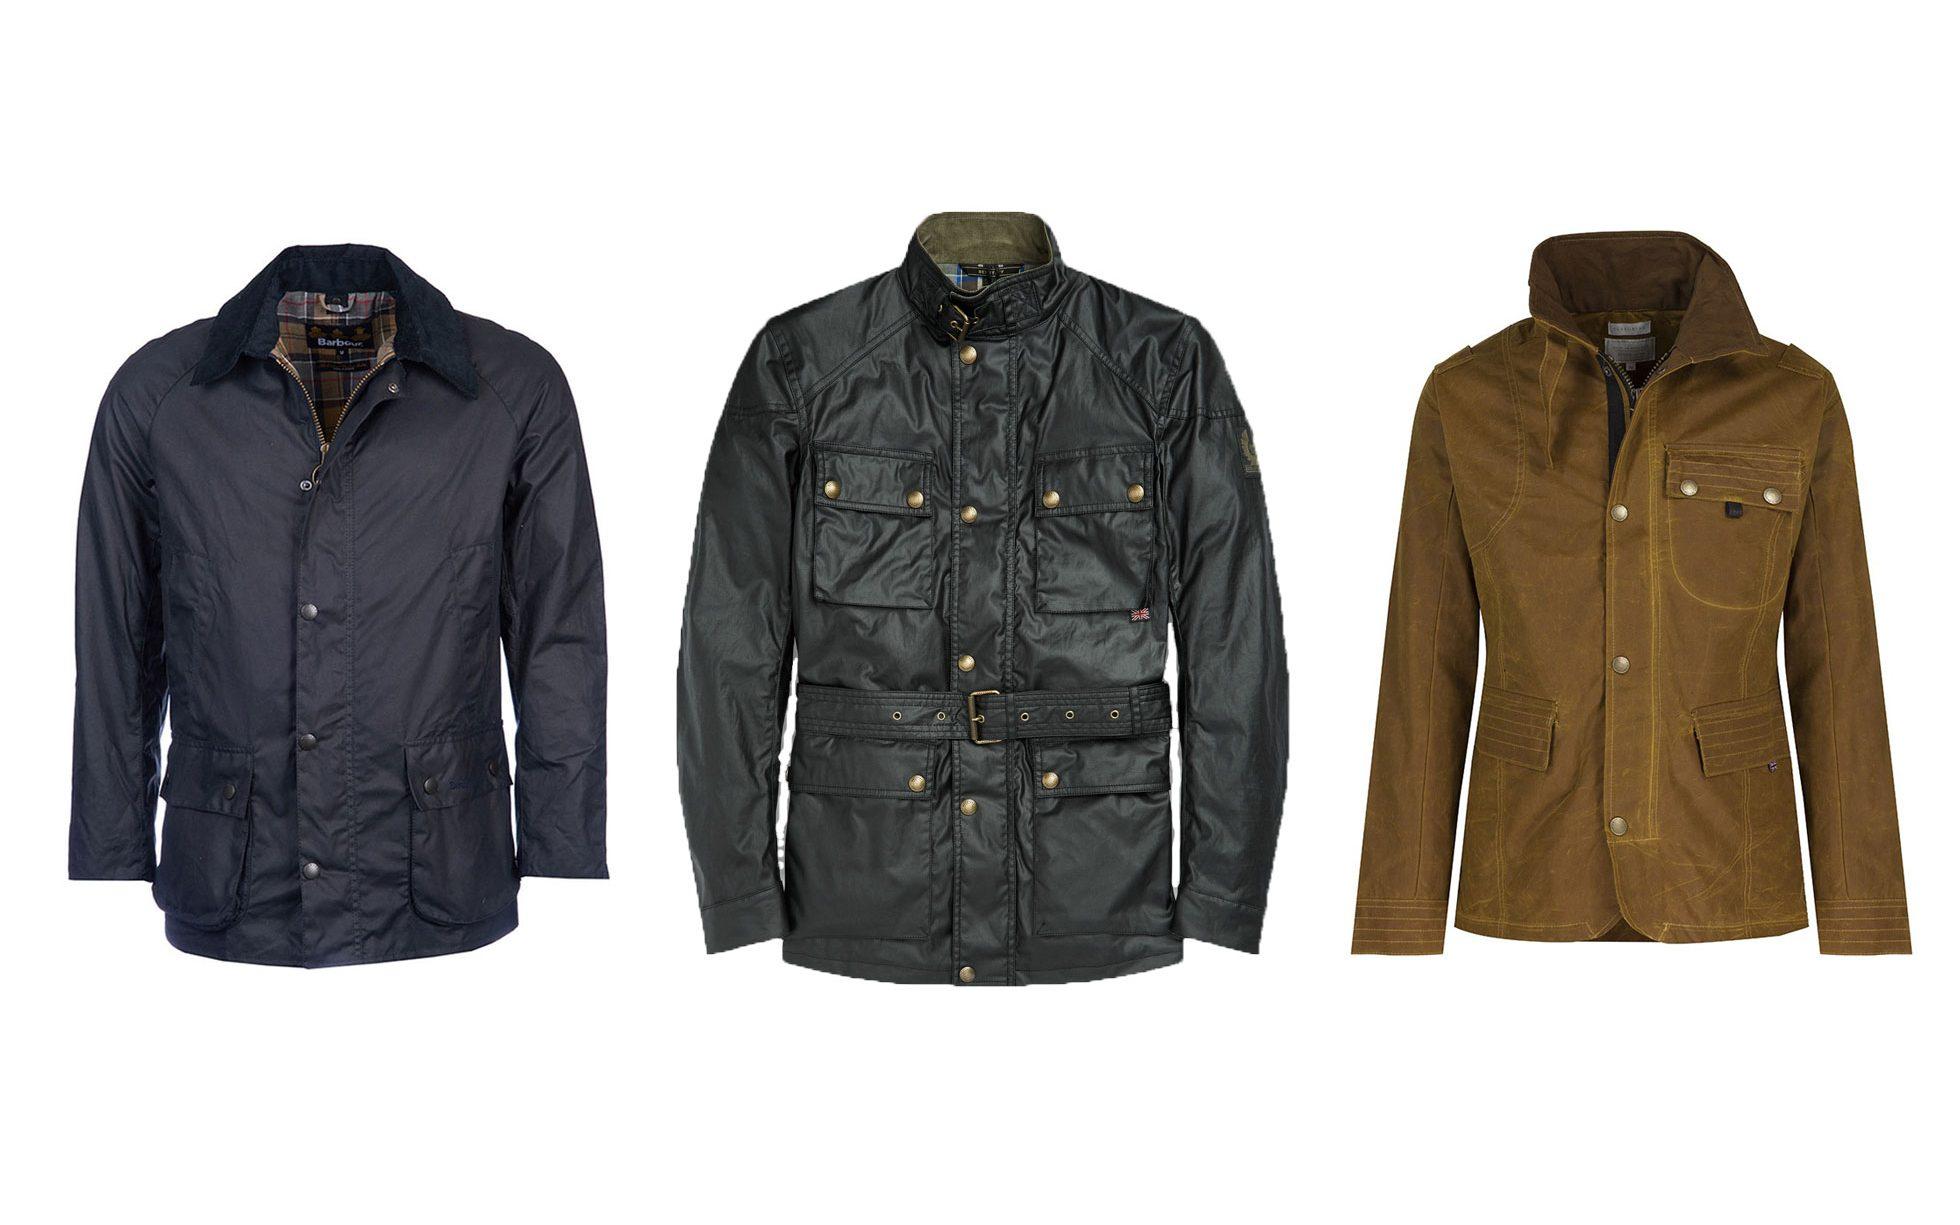 Waxed Jackets mens waxed jackets BLNXCPH